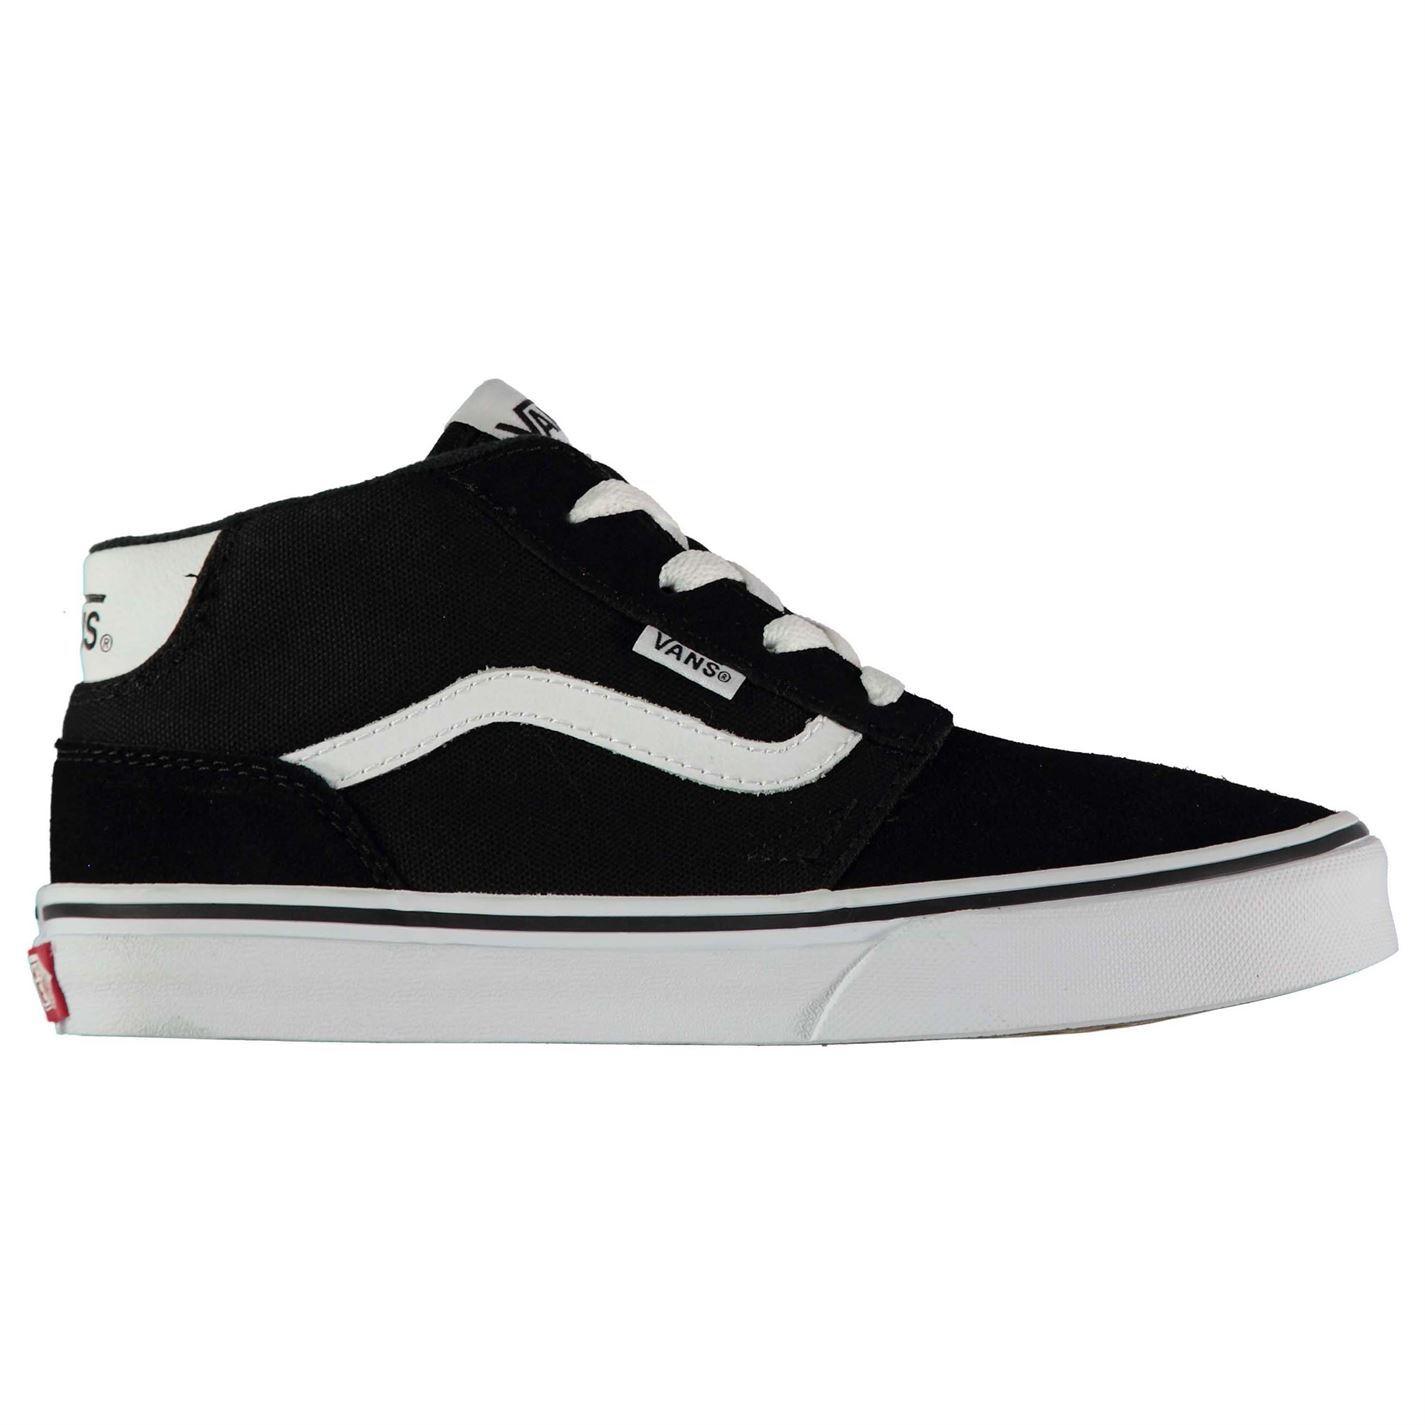 Vans Skate low